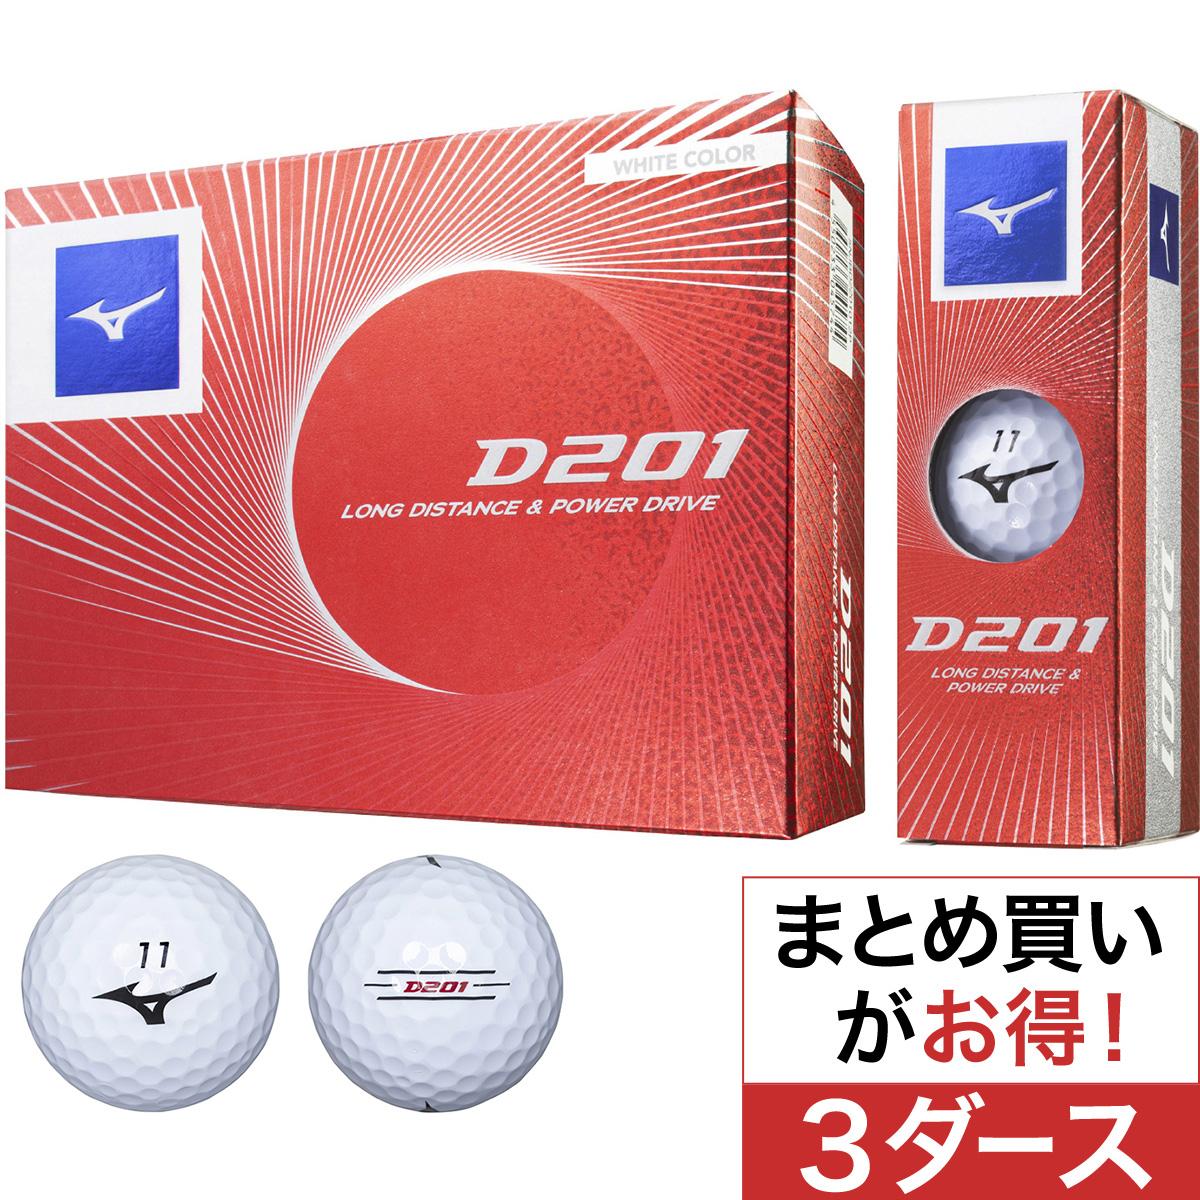 D201 ゴルフボール 3ダースセット